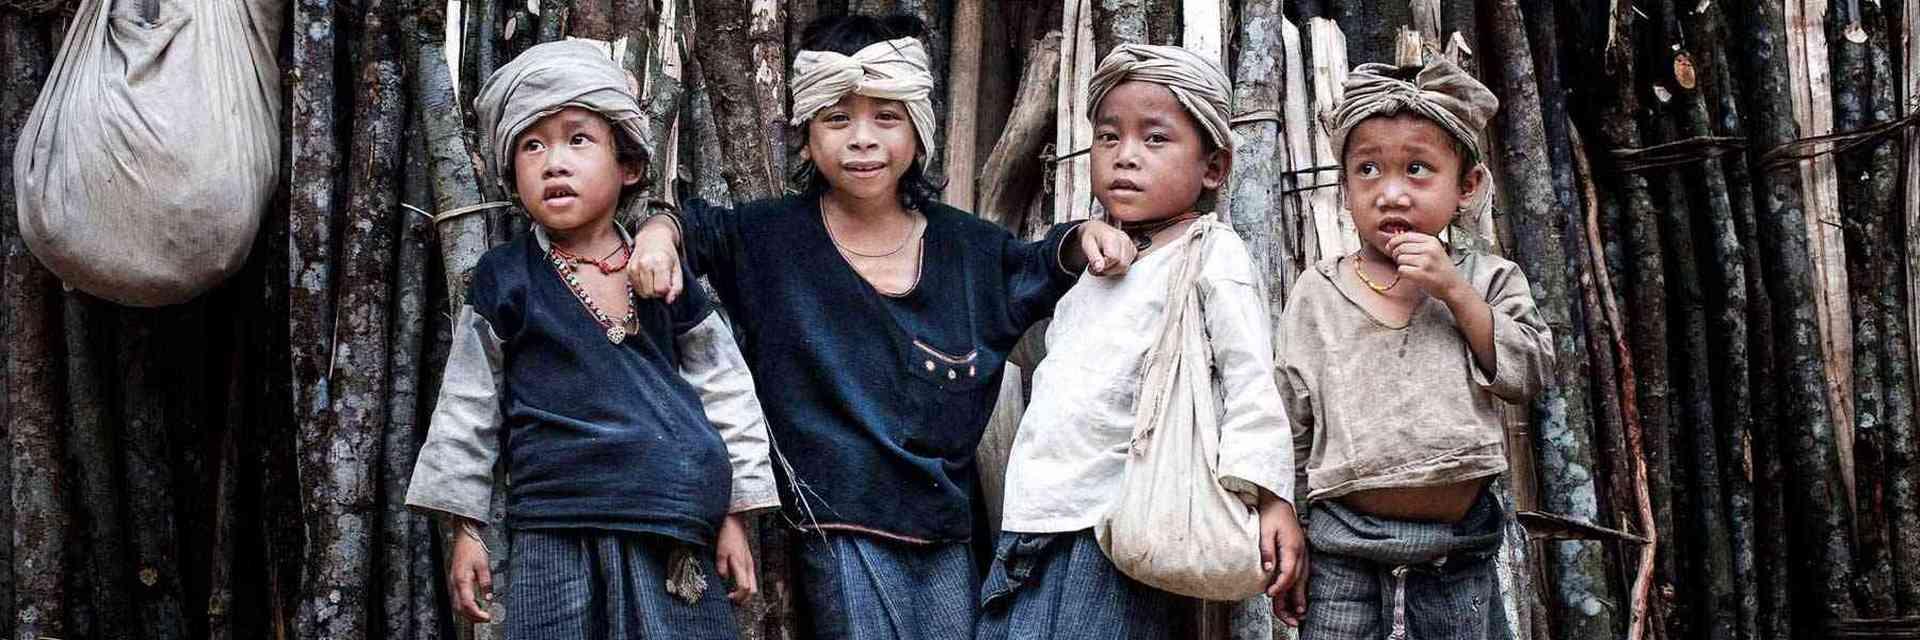 10 Keunikan Istimewa Suku Baduy Dalam 10 Keunikan Istimewa Suku Baduy Dalam - Dolan Dolen